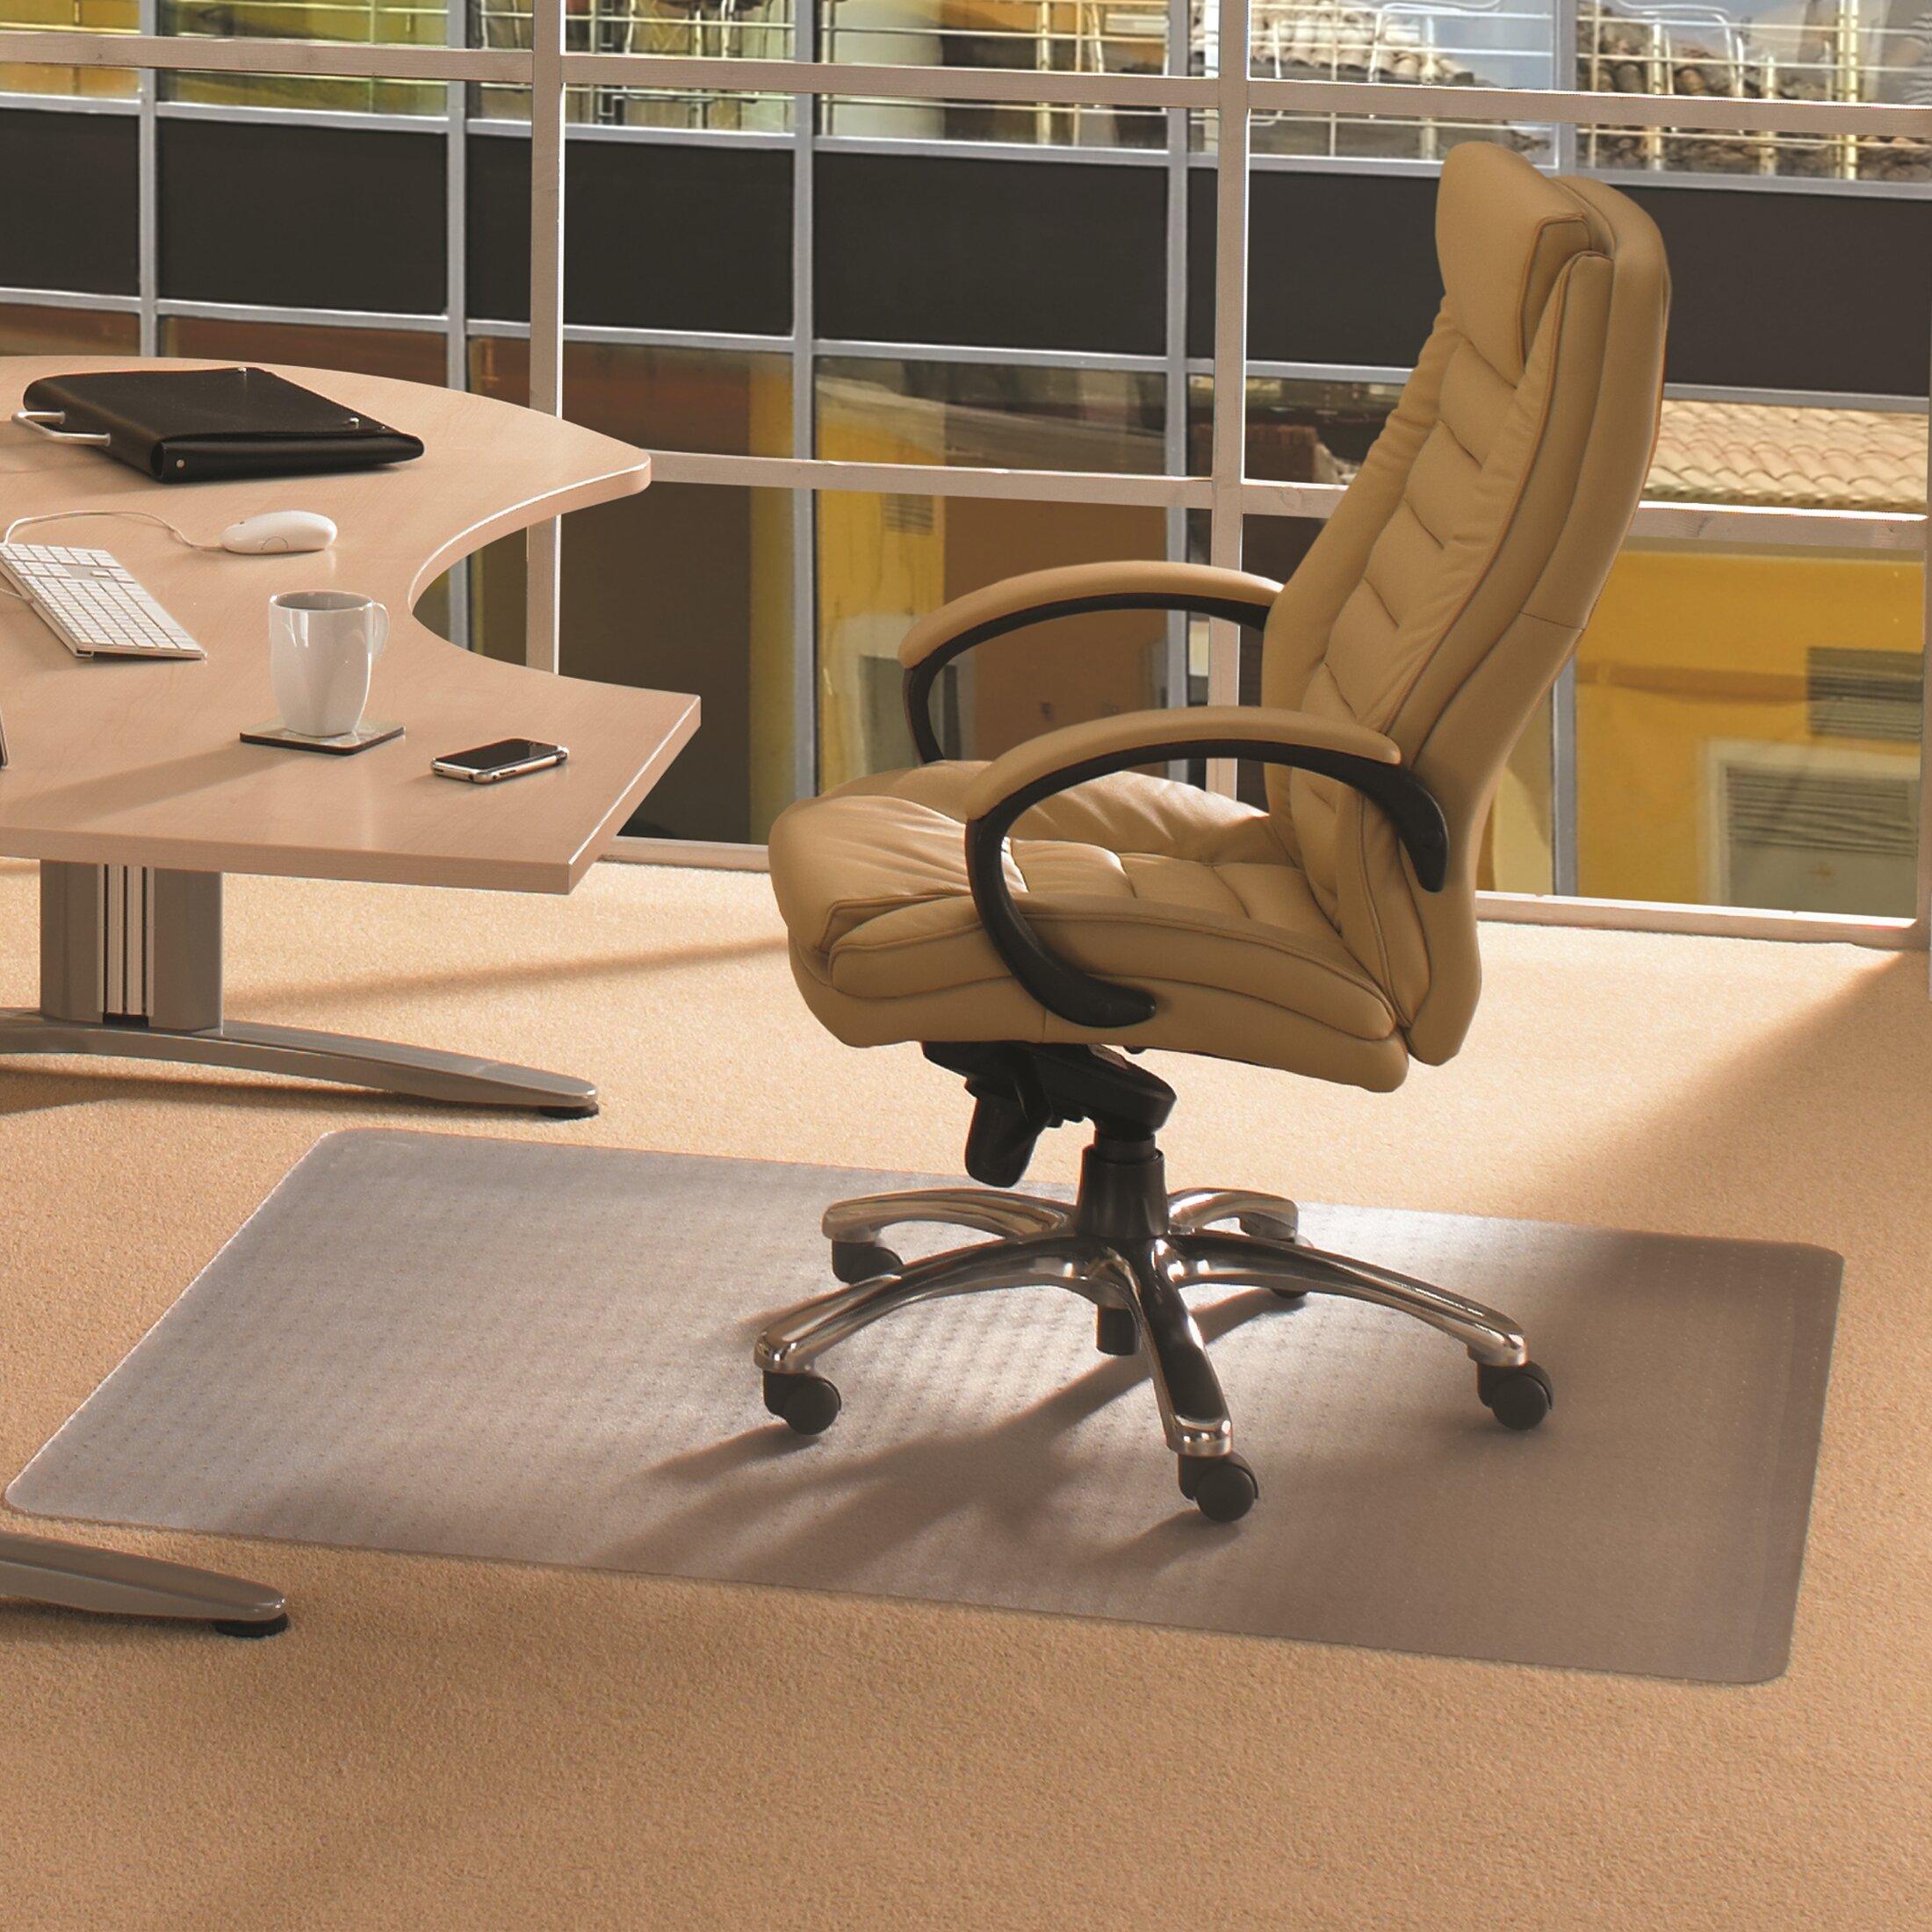 Aggressiv Bodenschutzmatten Für Hartböden In 6 Größen Bürostuhlunterlage Bodenschutzmatte Bodenschutzmatten Büromöbel